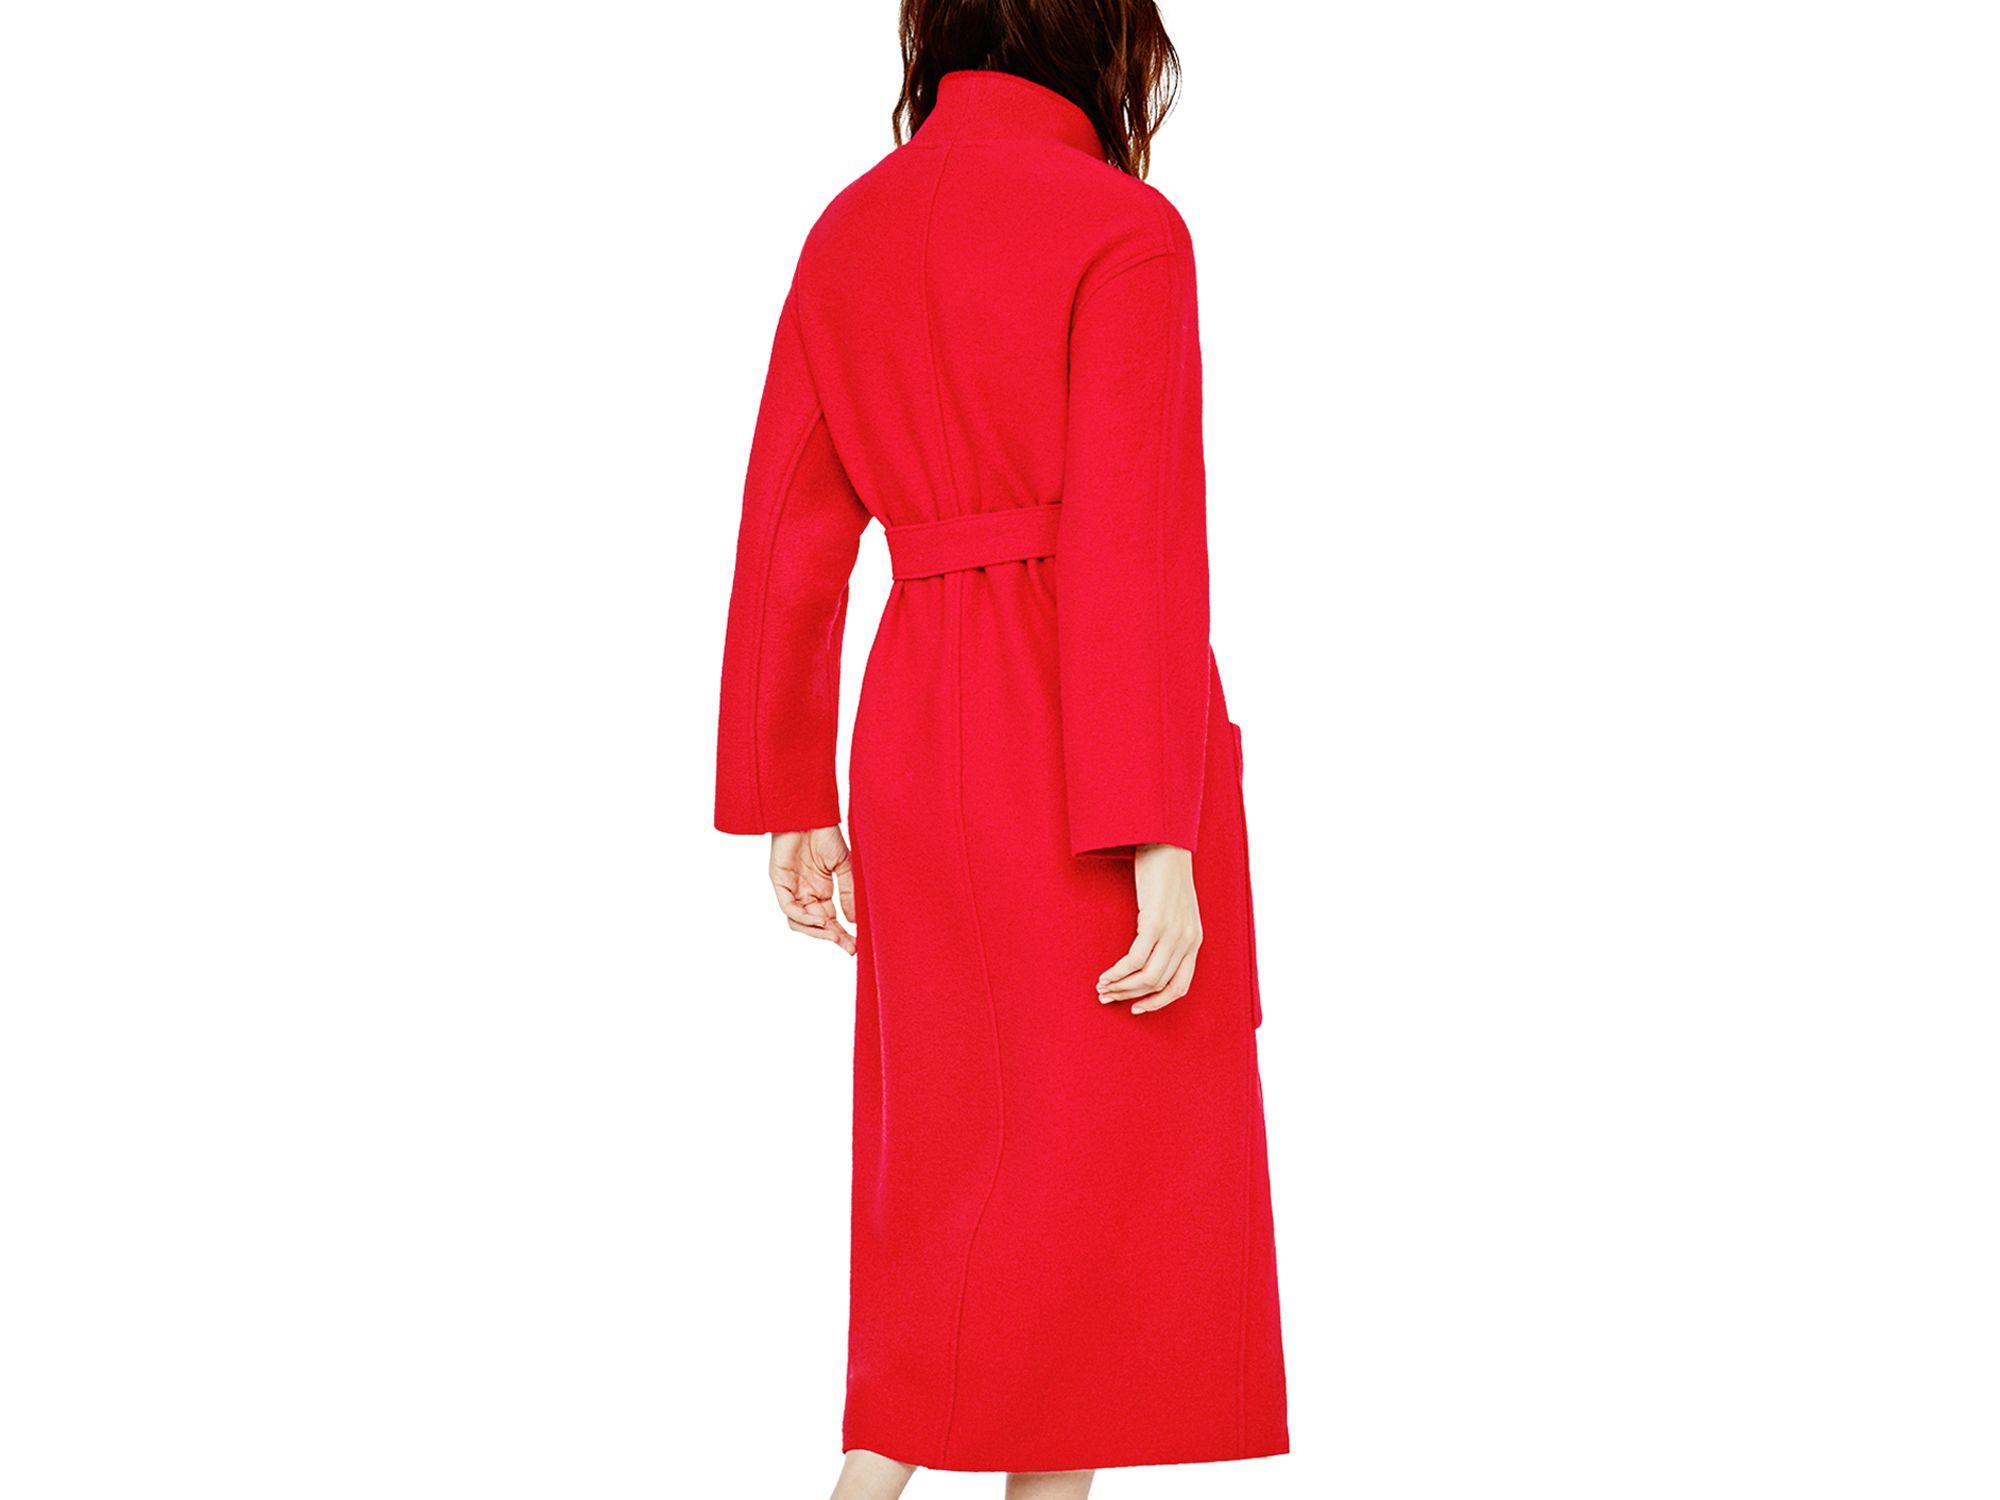 Maje Grenat Wool Wrap Coat in Red | Lyst